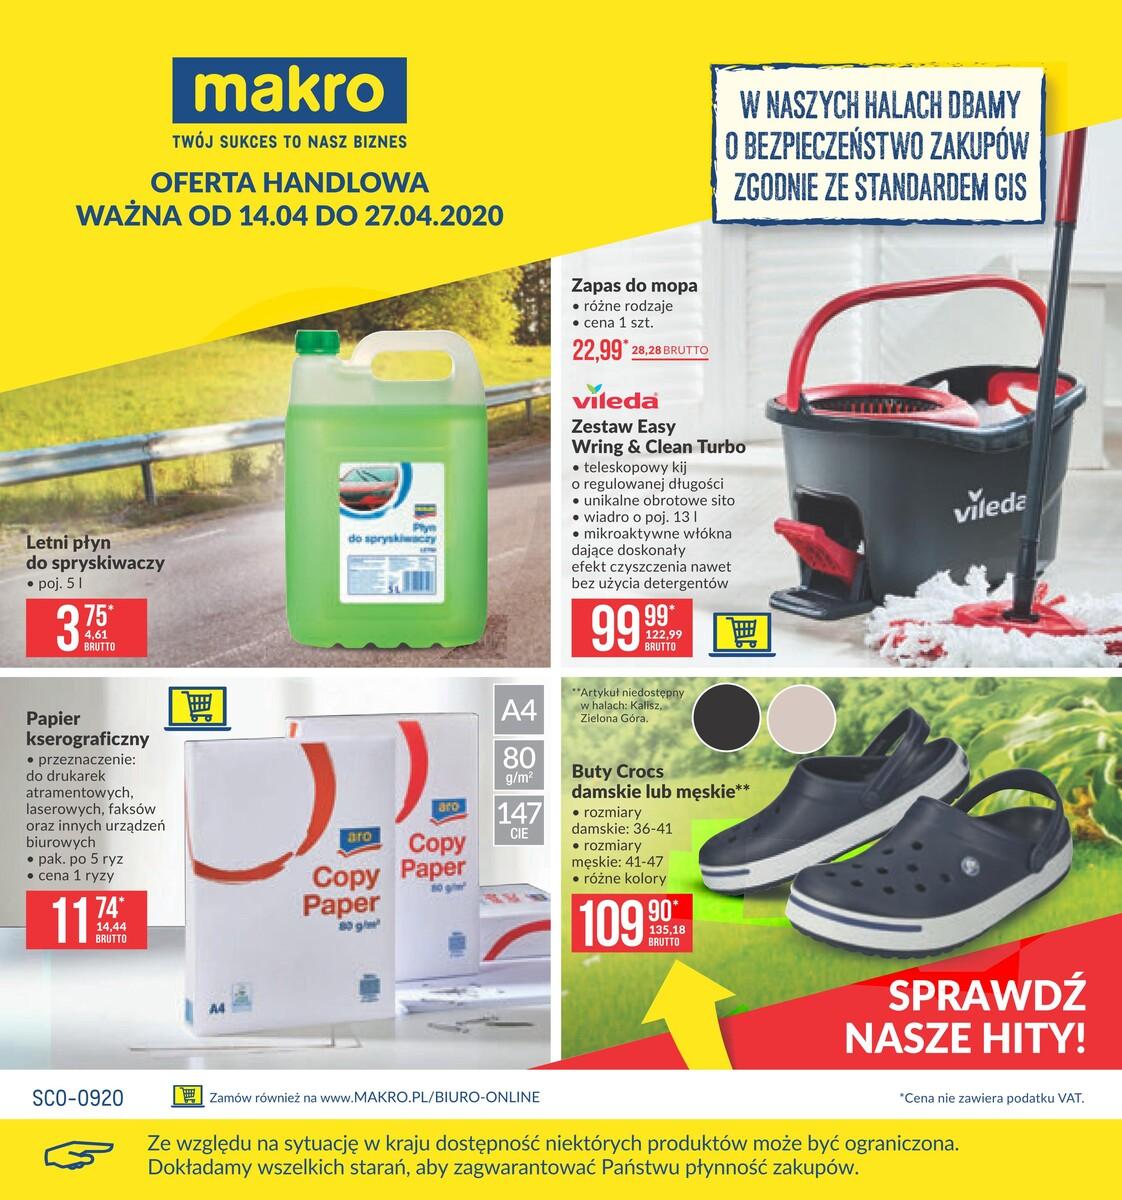 Gazetka Makro - Oferta przemysłowa